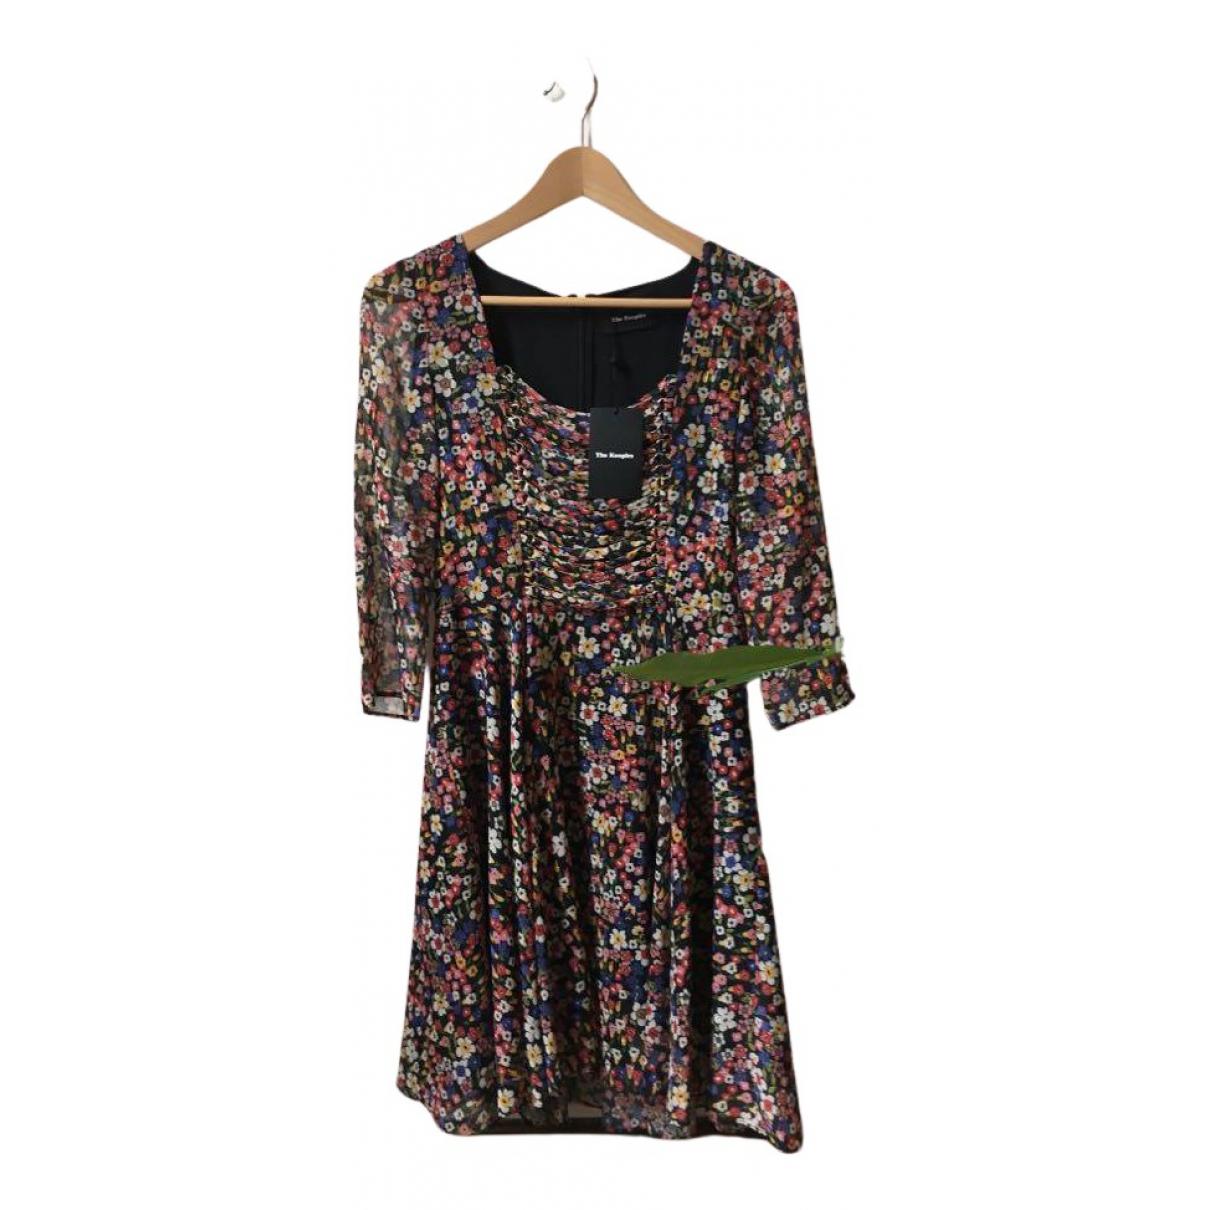 The Kooples \N Kleid in  Schwarz Baumwolle - Elasthan